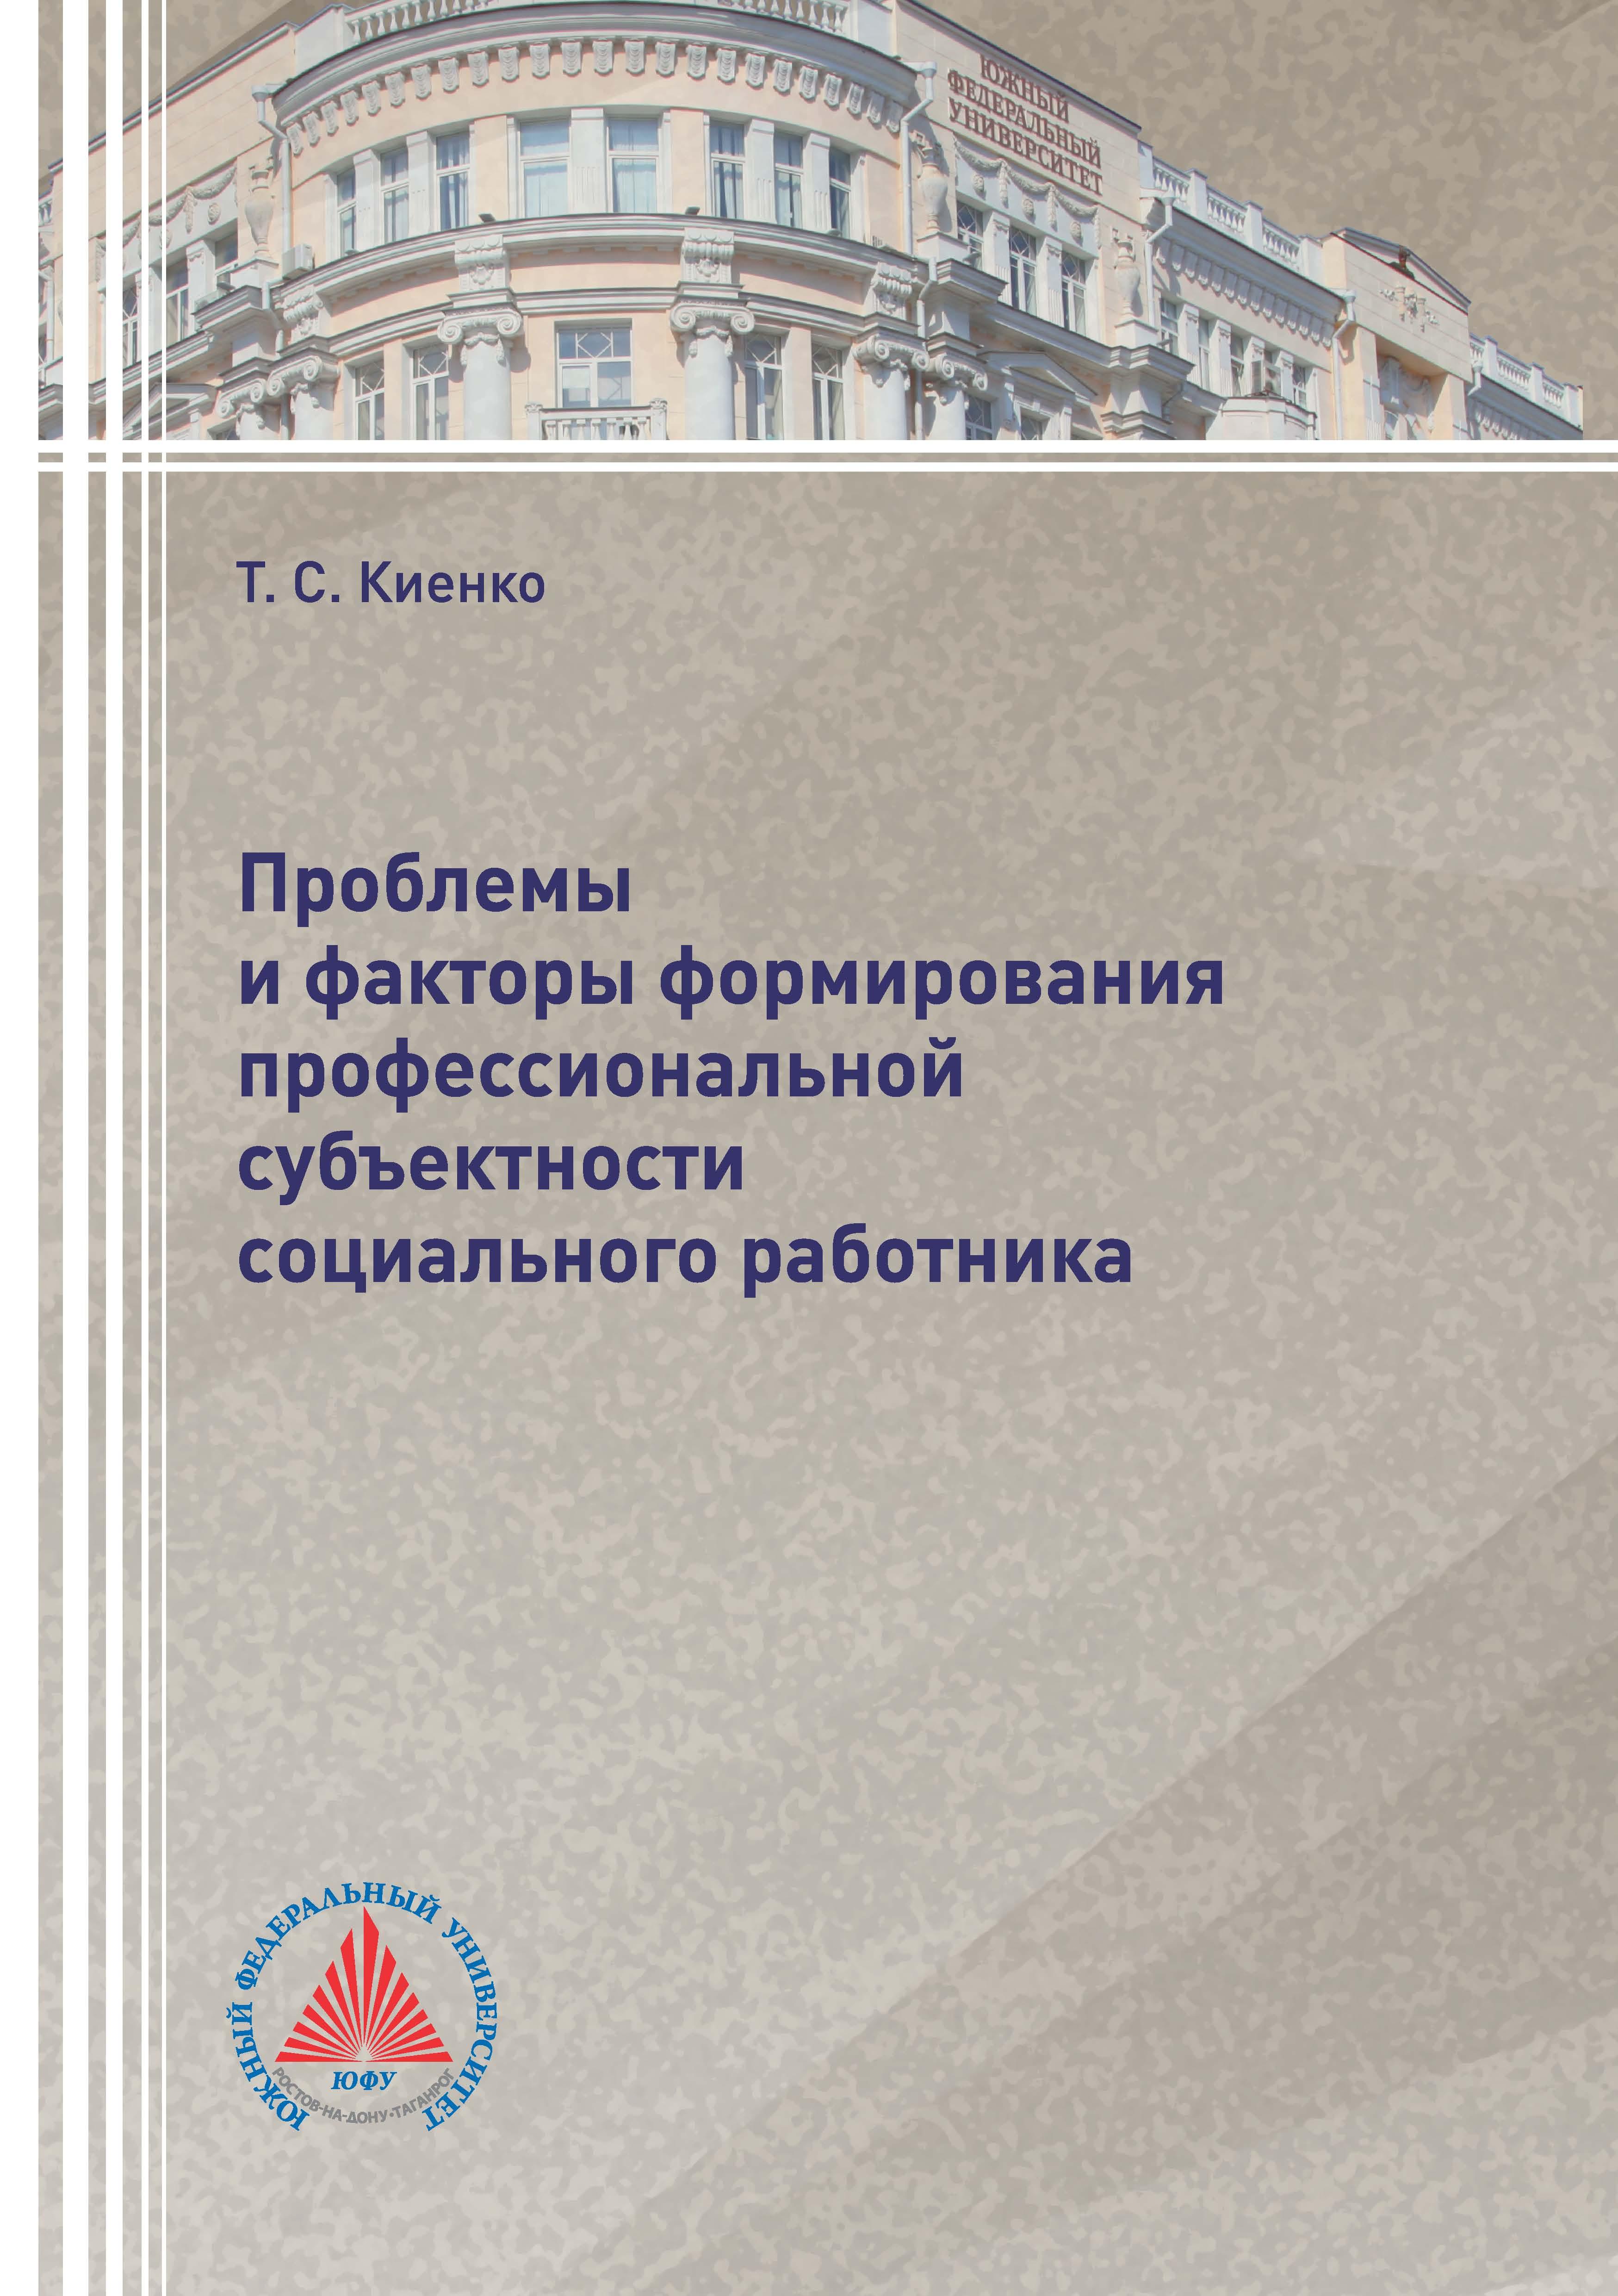 Т. С. Киенко Проблемы и факторы формирования профессиональной субъектности социального работника